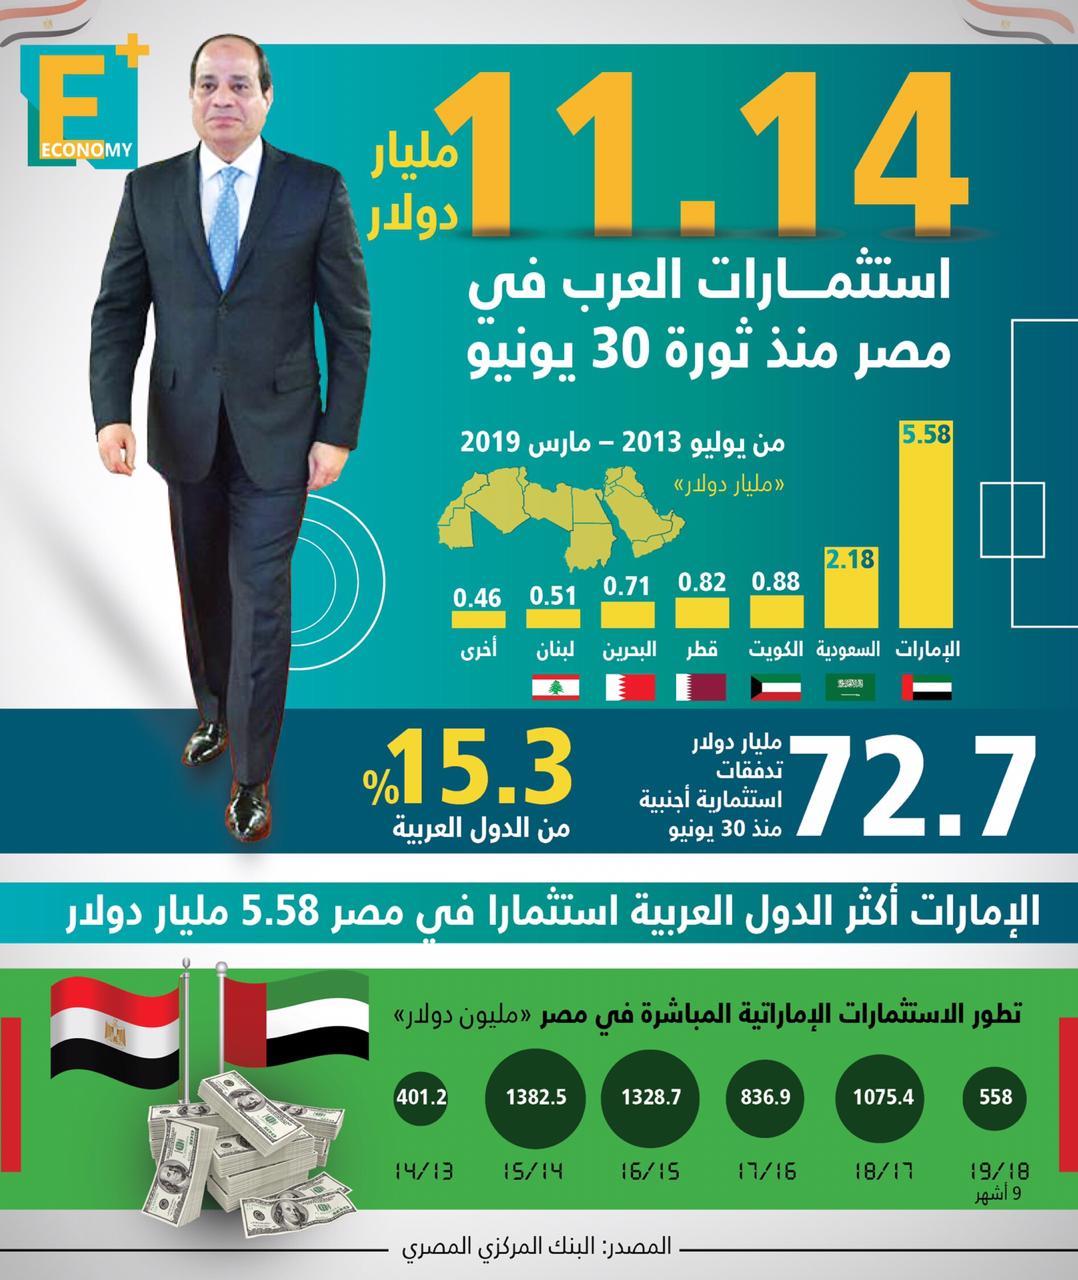 استثمارات العرب تتخطى 11 مليار دولار في مصر منذ ثورة 30 يونيو